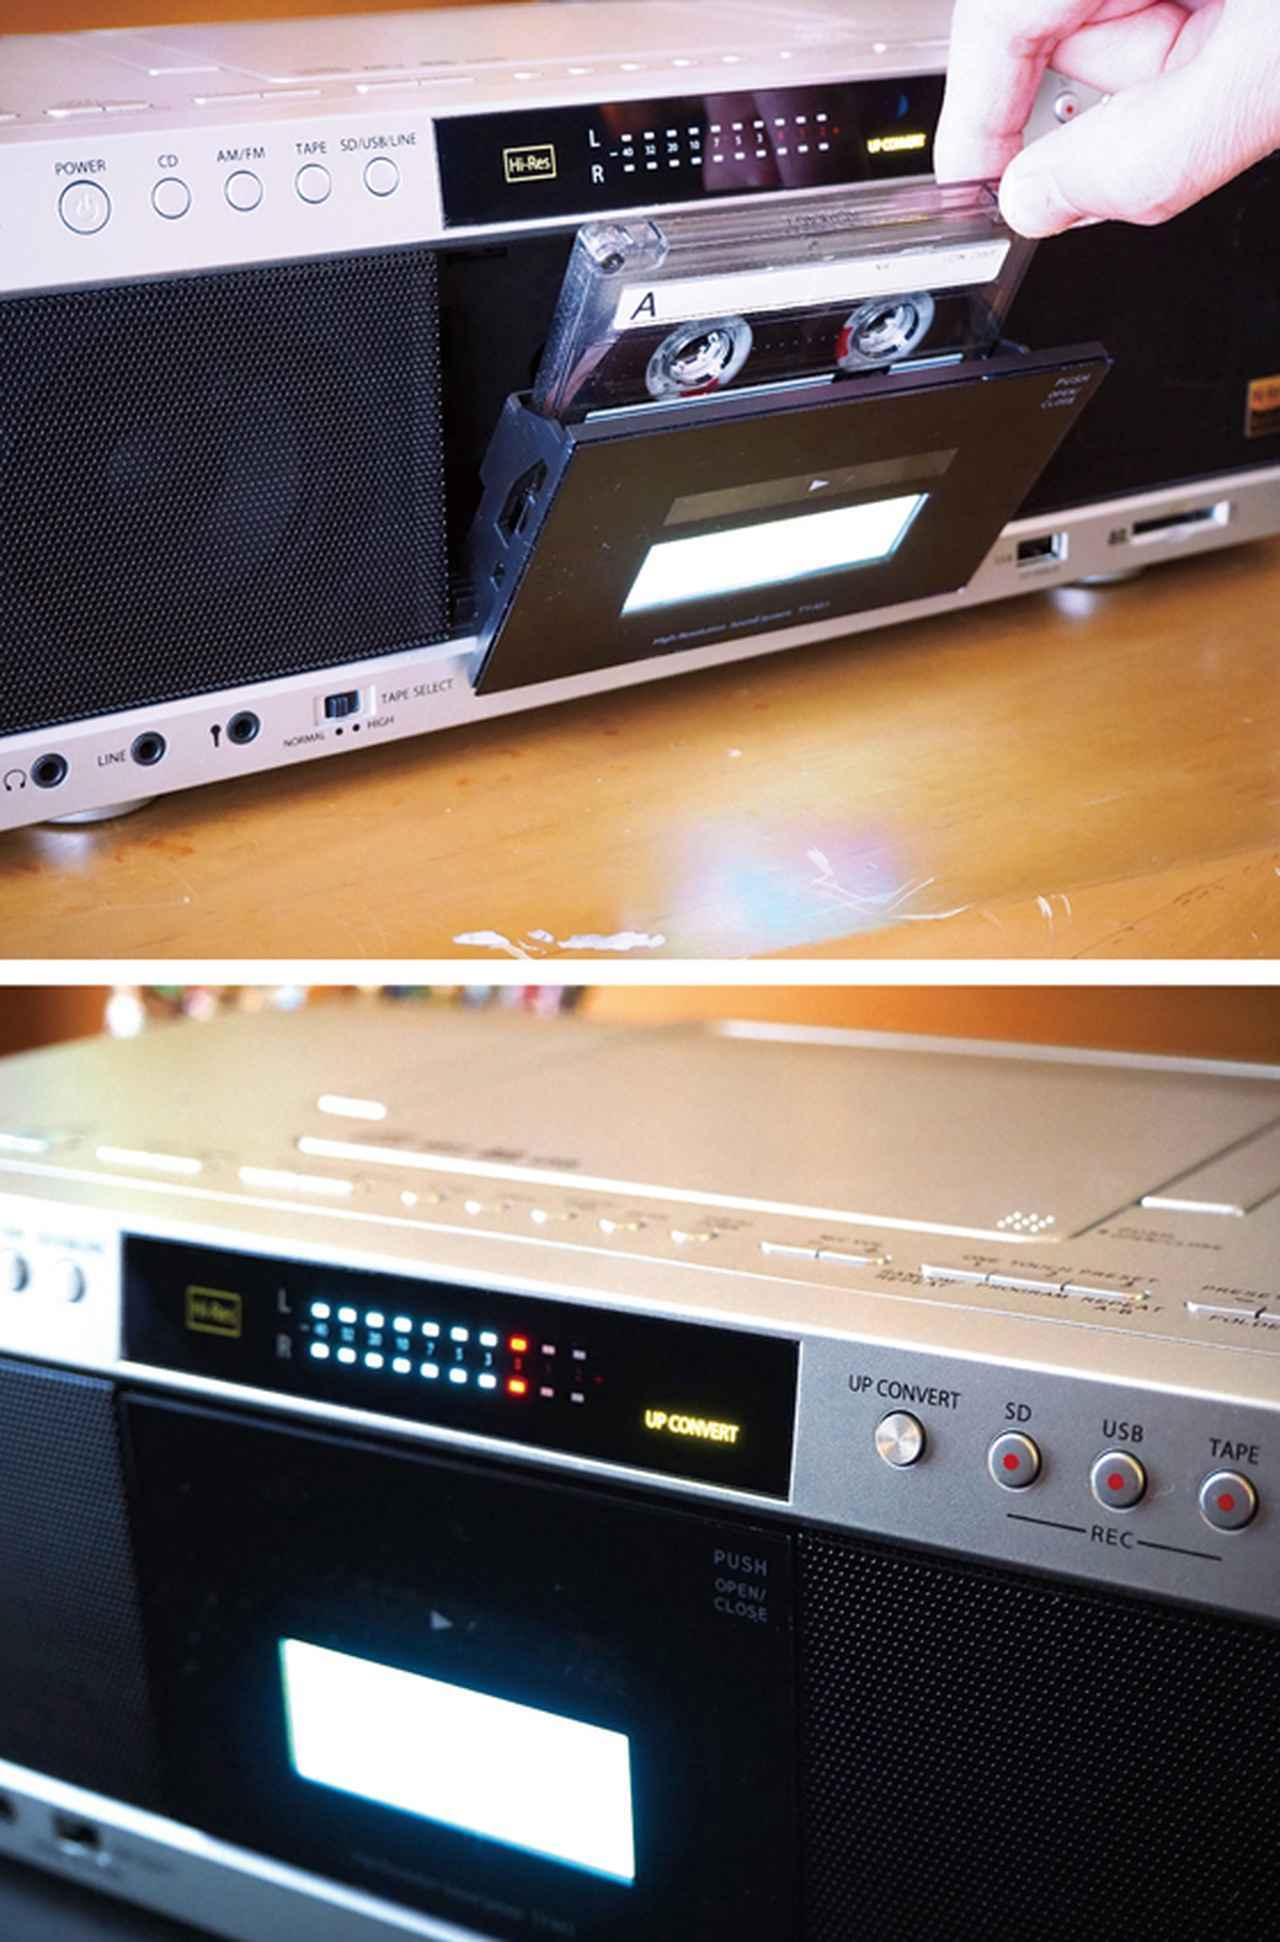 画像: カセットデッキは前面にあり、その上部にレベルメーターを備える。「アップコンバート」機能を使うと、表示が点灯する。